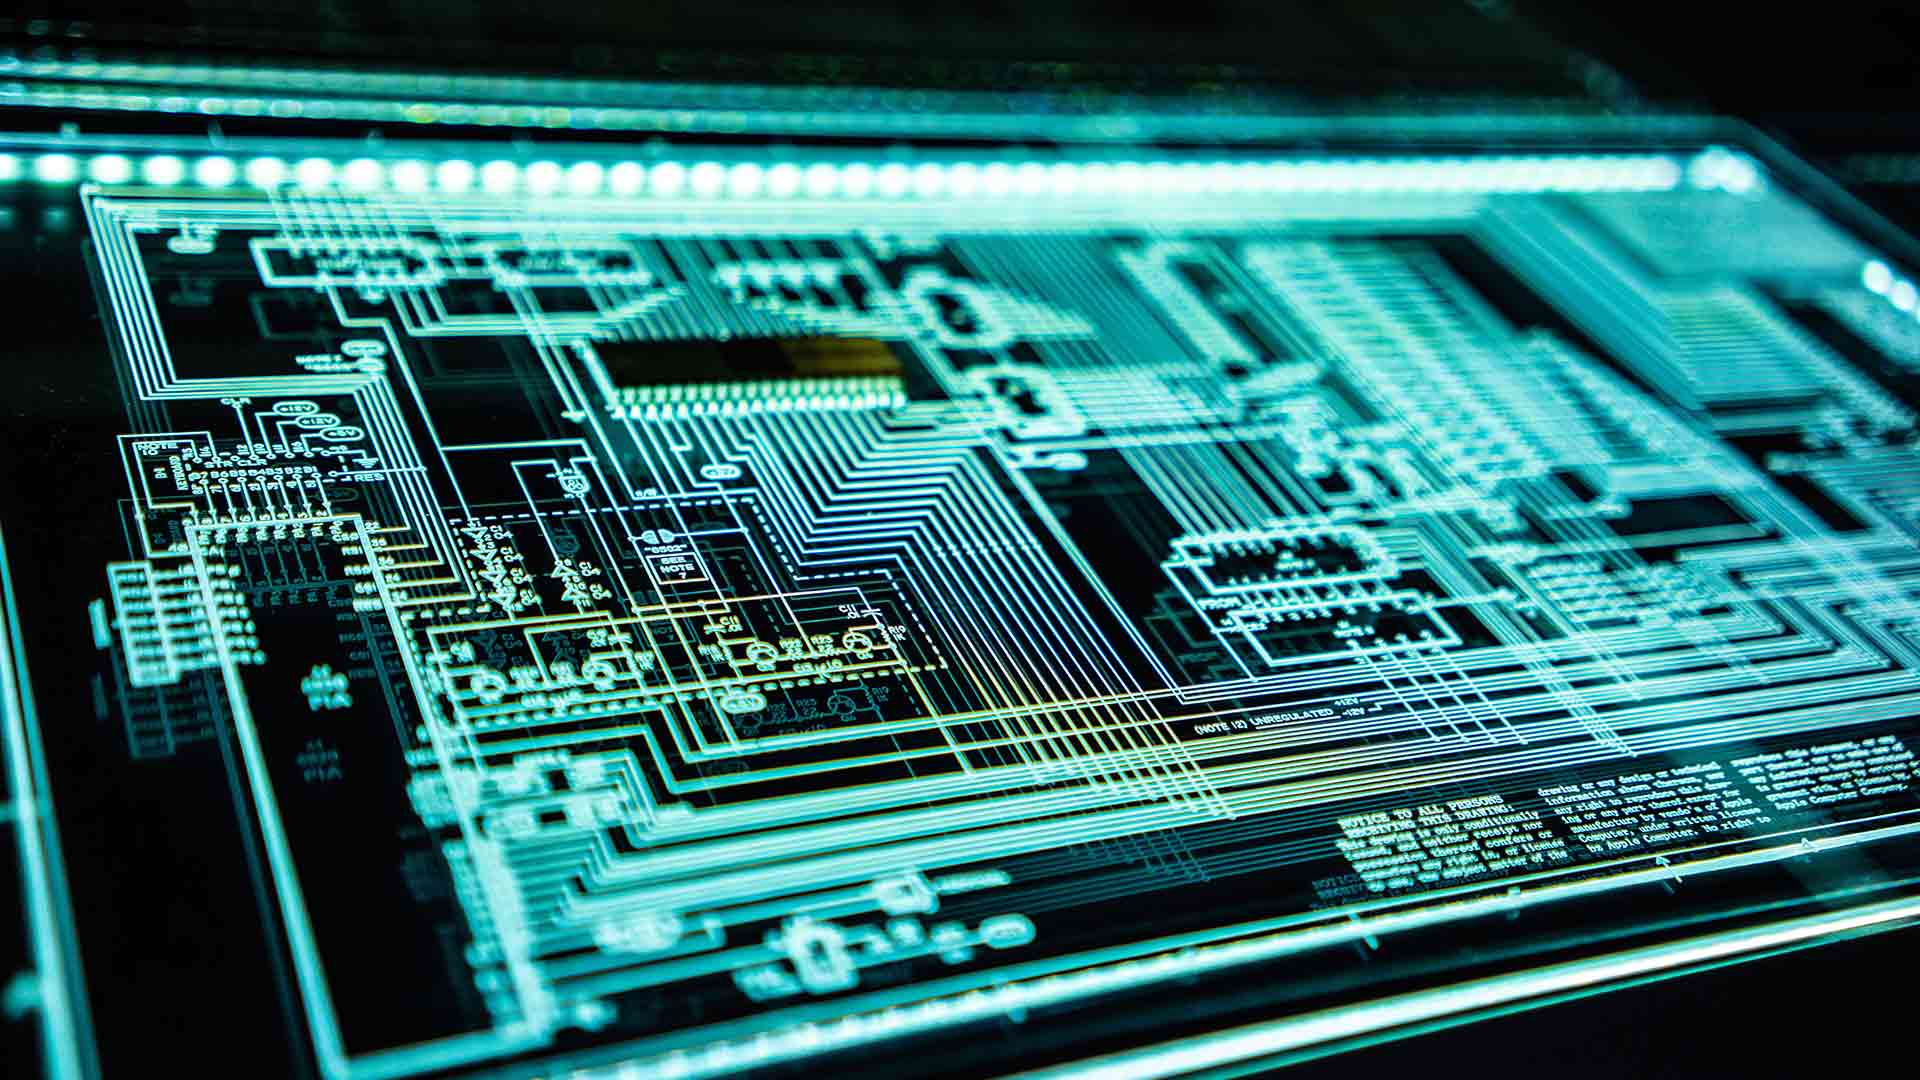 Digital circuit board.